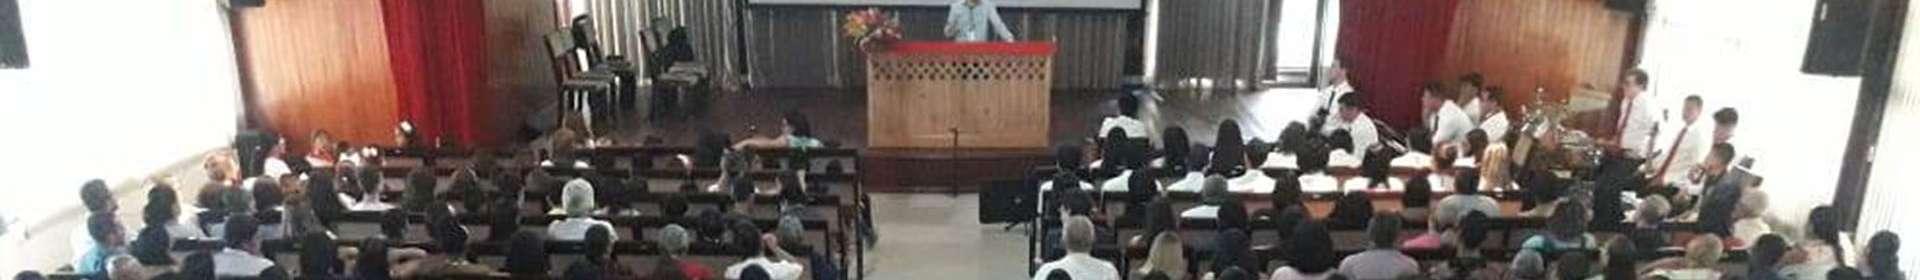 Programações especiais em Macapá (AP) reúnem membros da Igreja Cristã Maranata